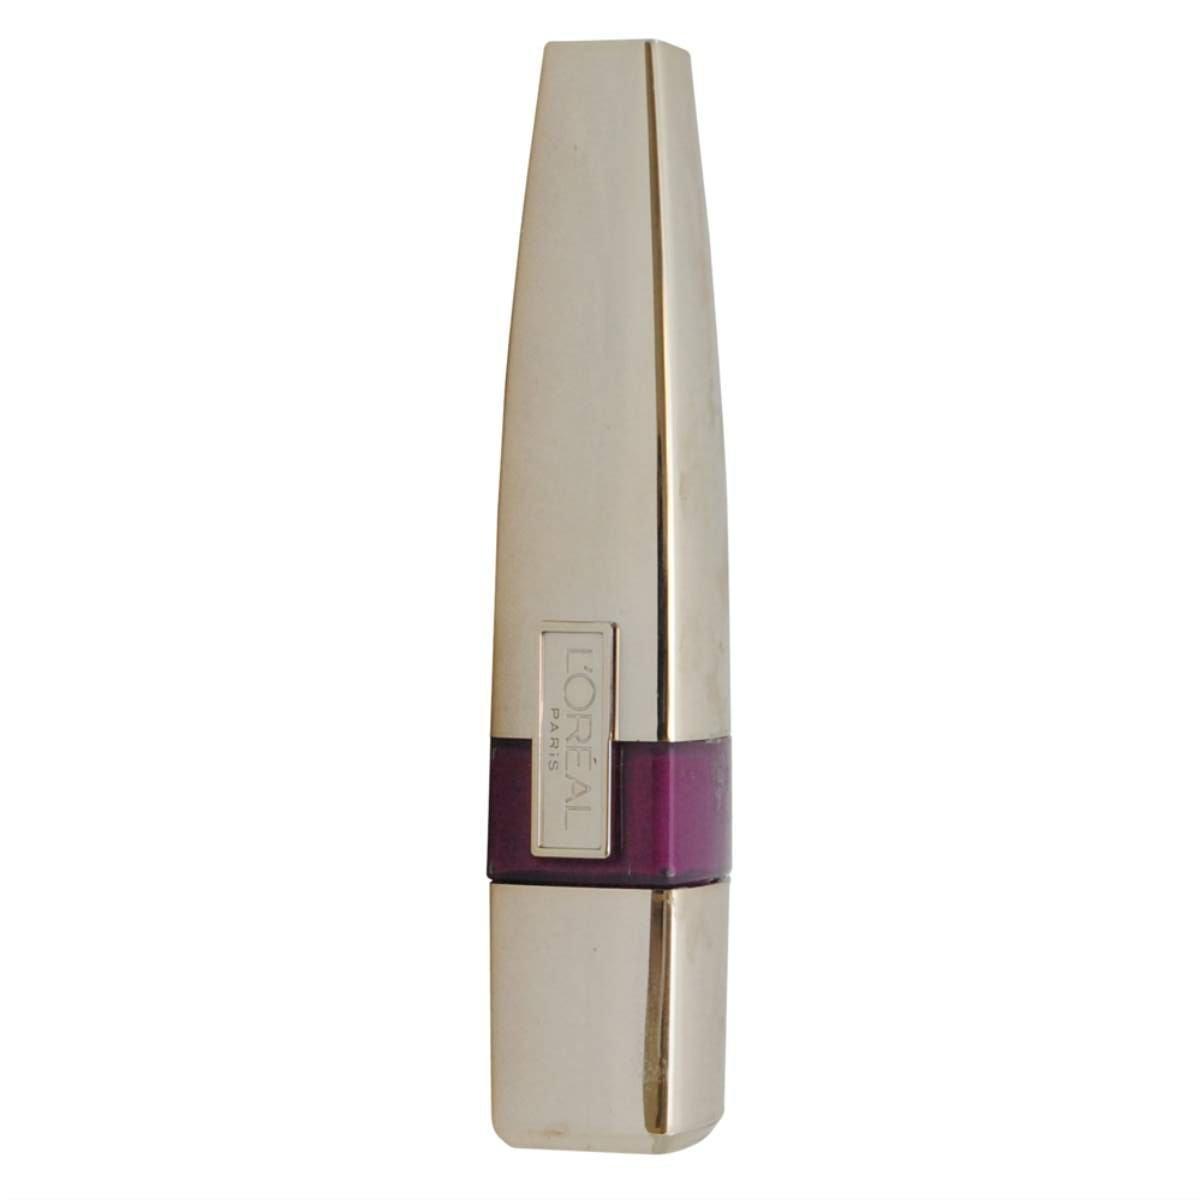 L'Oreal Paris Colour Riche Colour Caresse Wet Shine Lip Stain, Berry Persistent, 0.21 Fluid Ounce (Pack of 2)